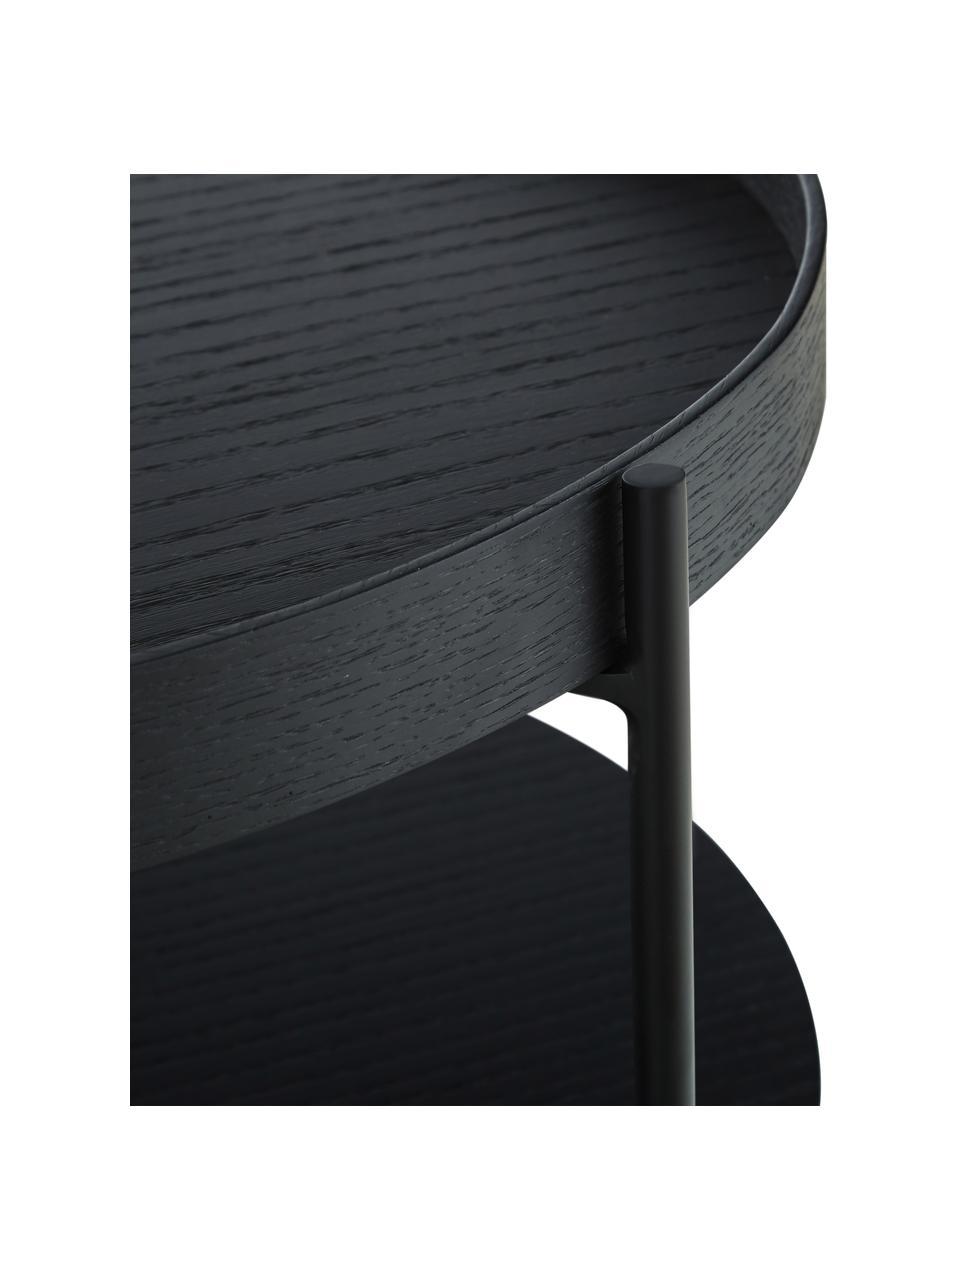 Houten salontafel Renee in zwart, Frame: gepoedercoat metaal, Zwart, Ø 69 x H 39 cm